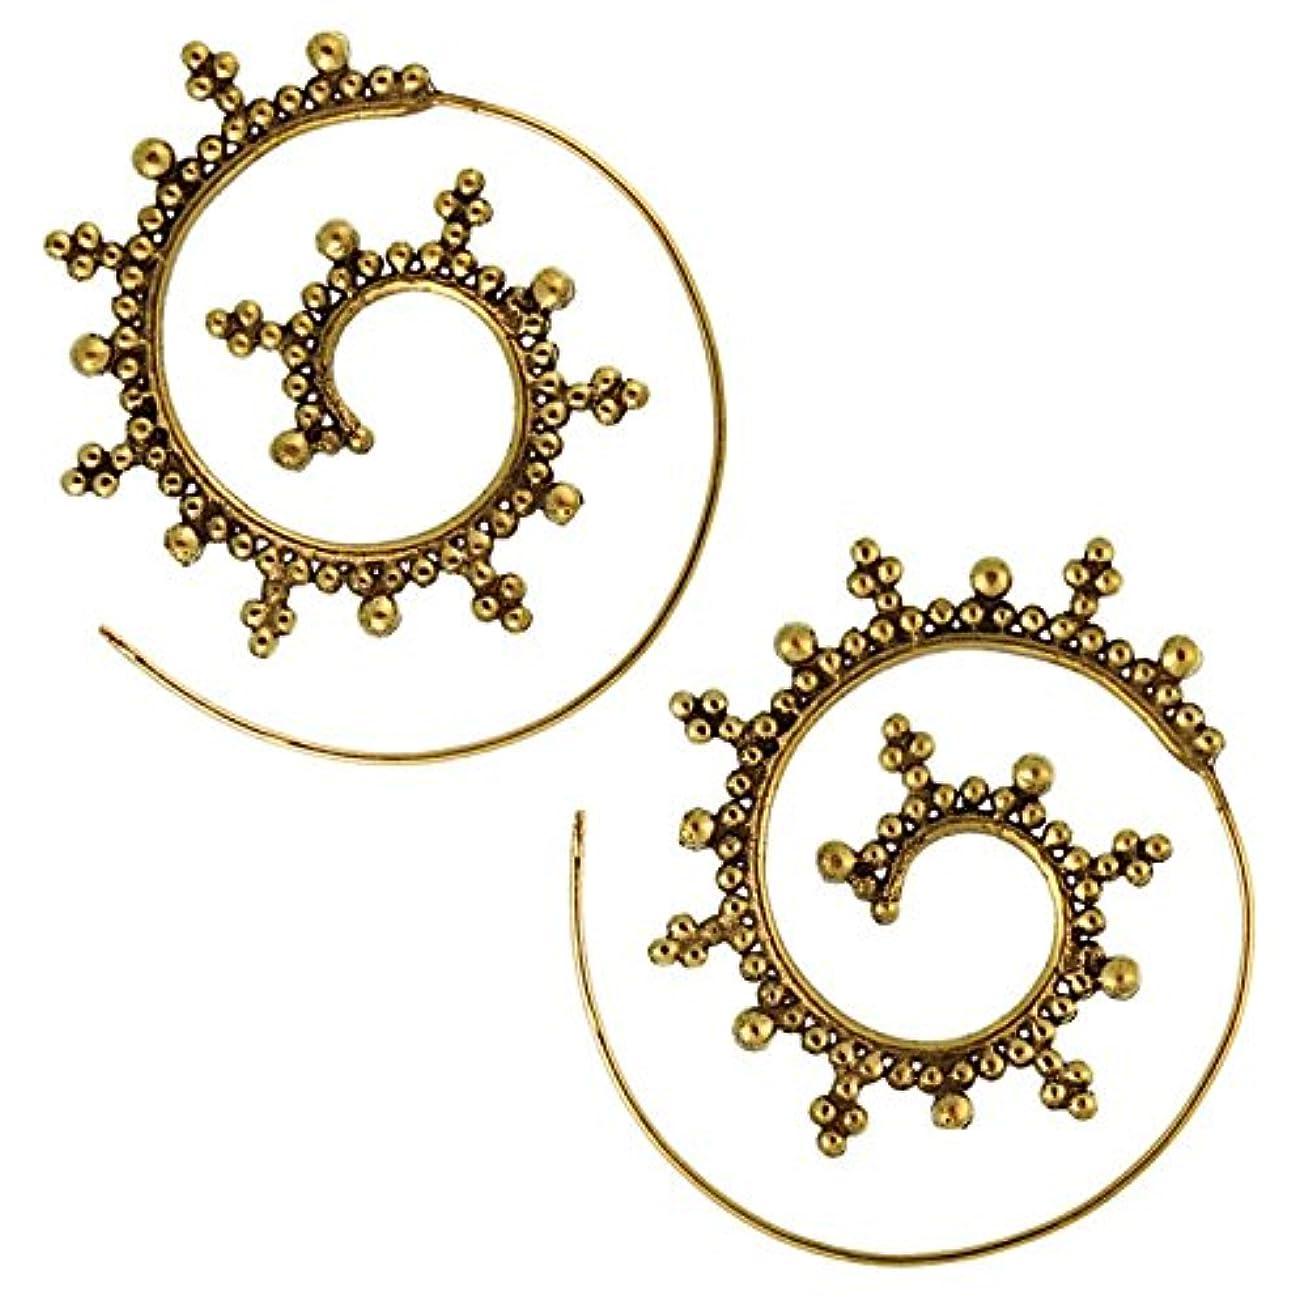 ためらうバンド医学SpiralsイヤリングボールCrosses真鍮真鍮アンティークGolden nickelfreiピアストライバル